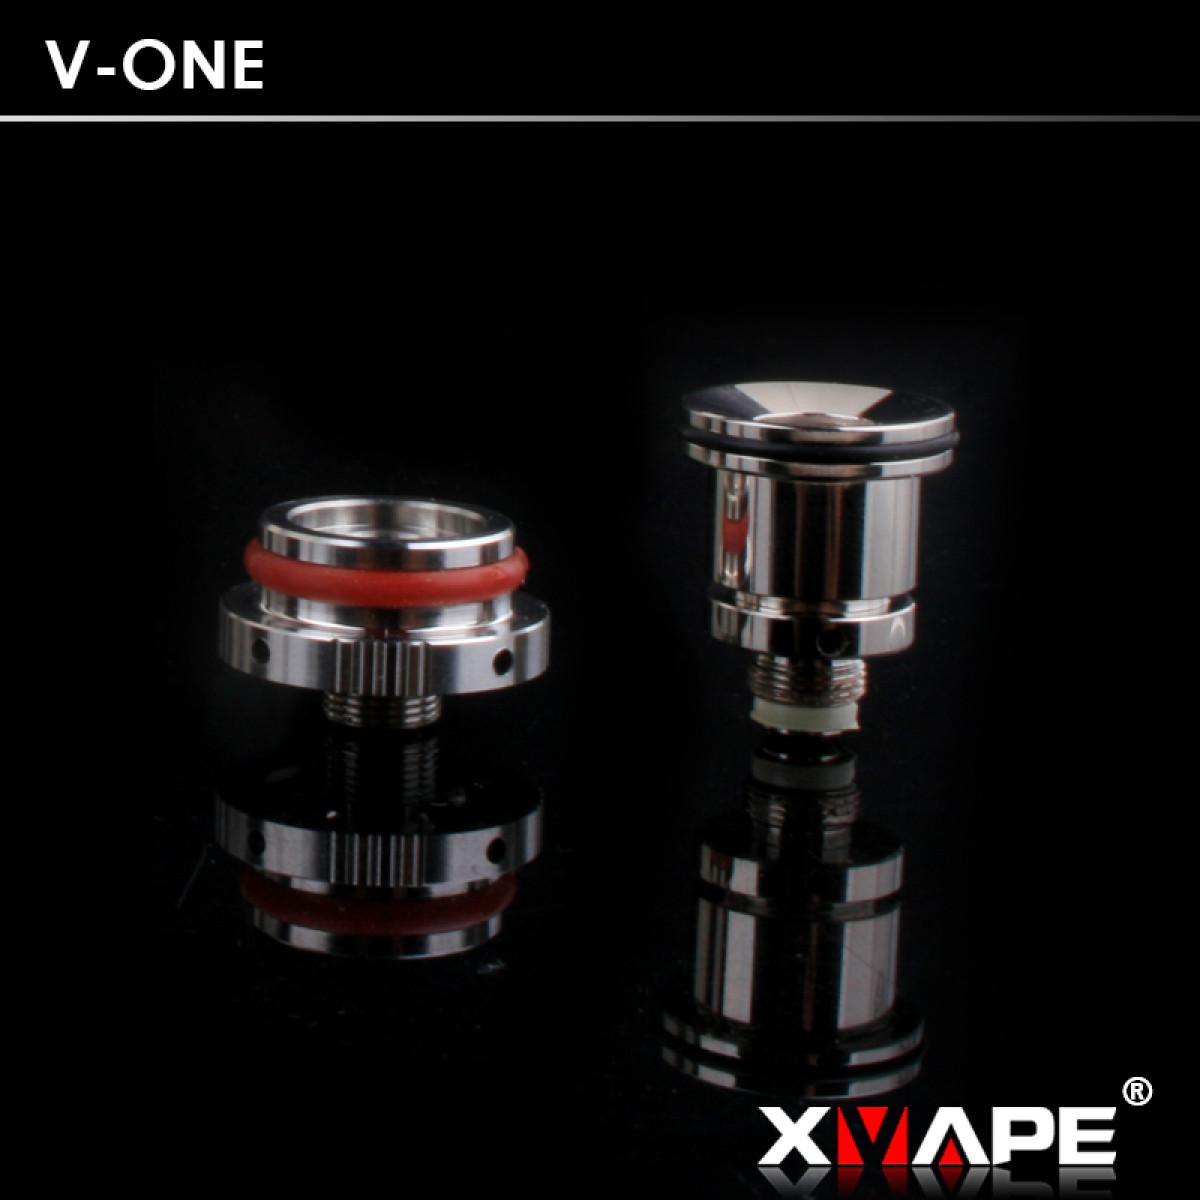 XMAX V-ONE CERAMIC COILS